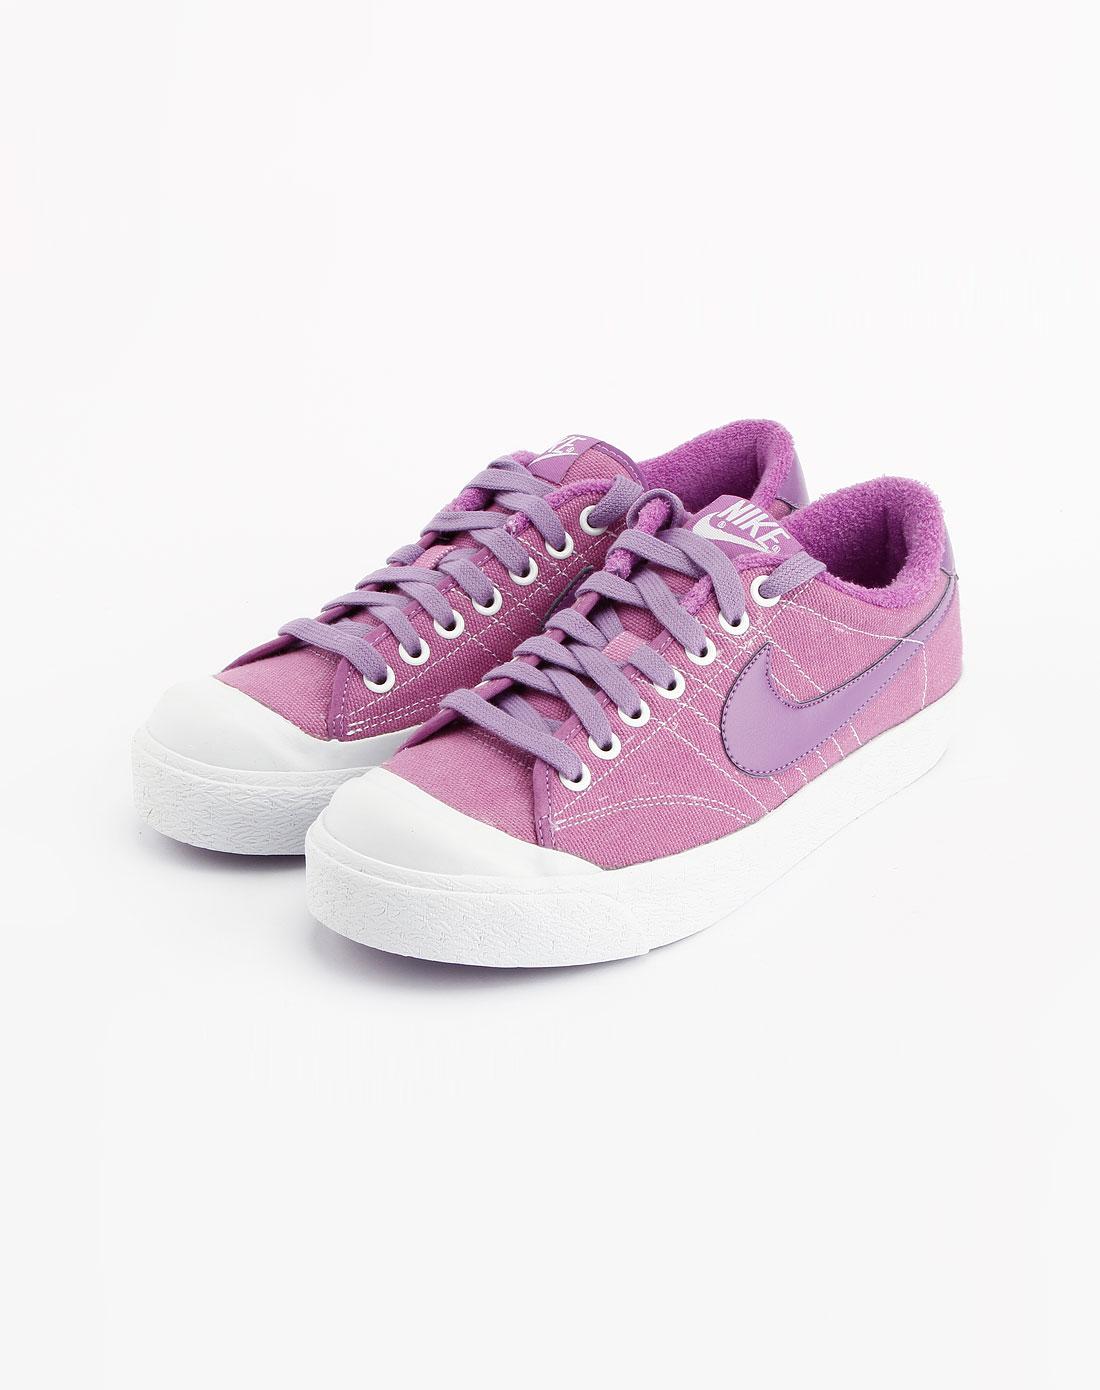 耐克nike浅紫/白色时尚休闲鞋417721-500